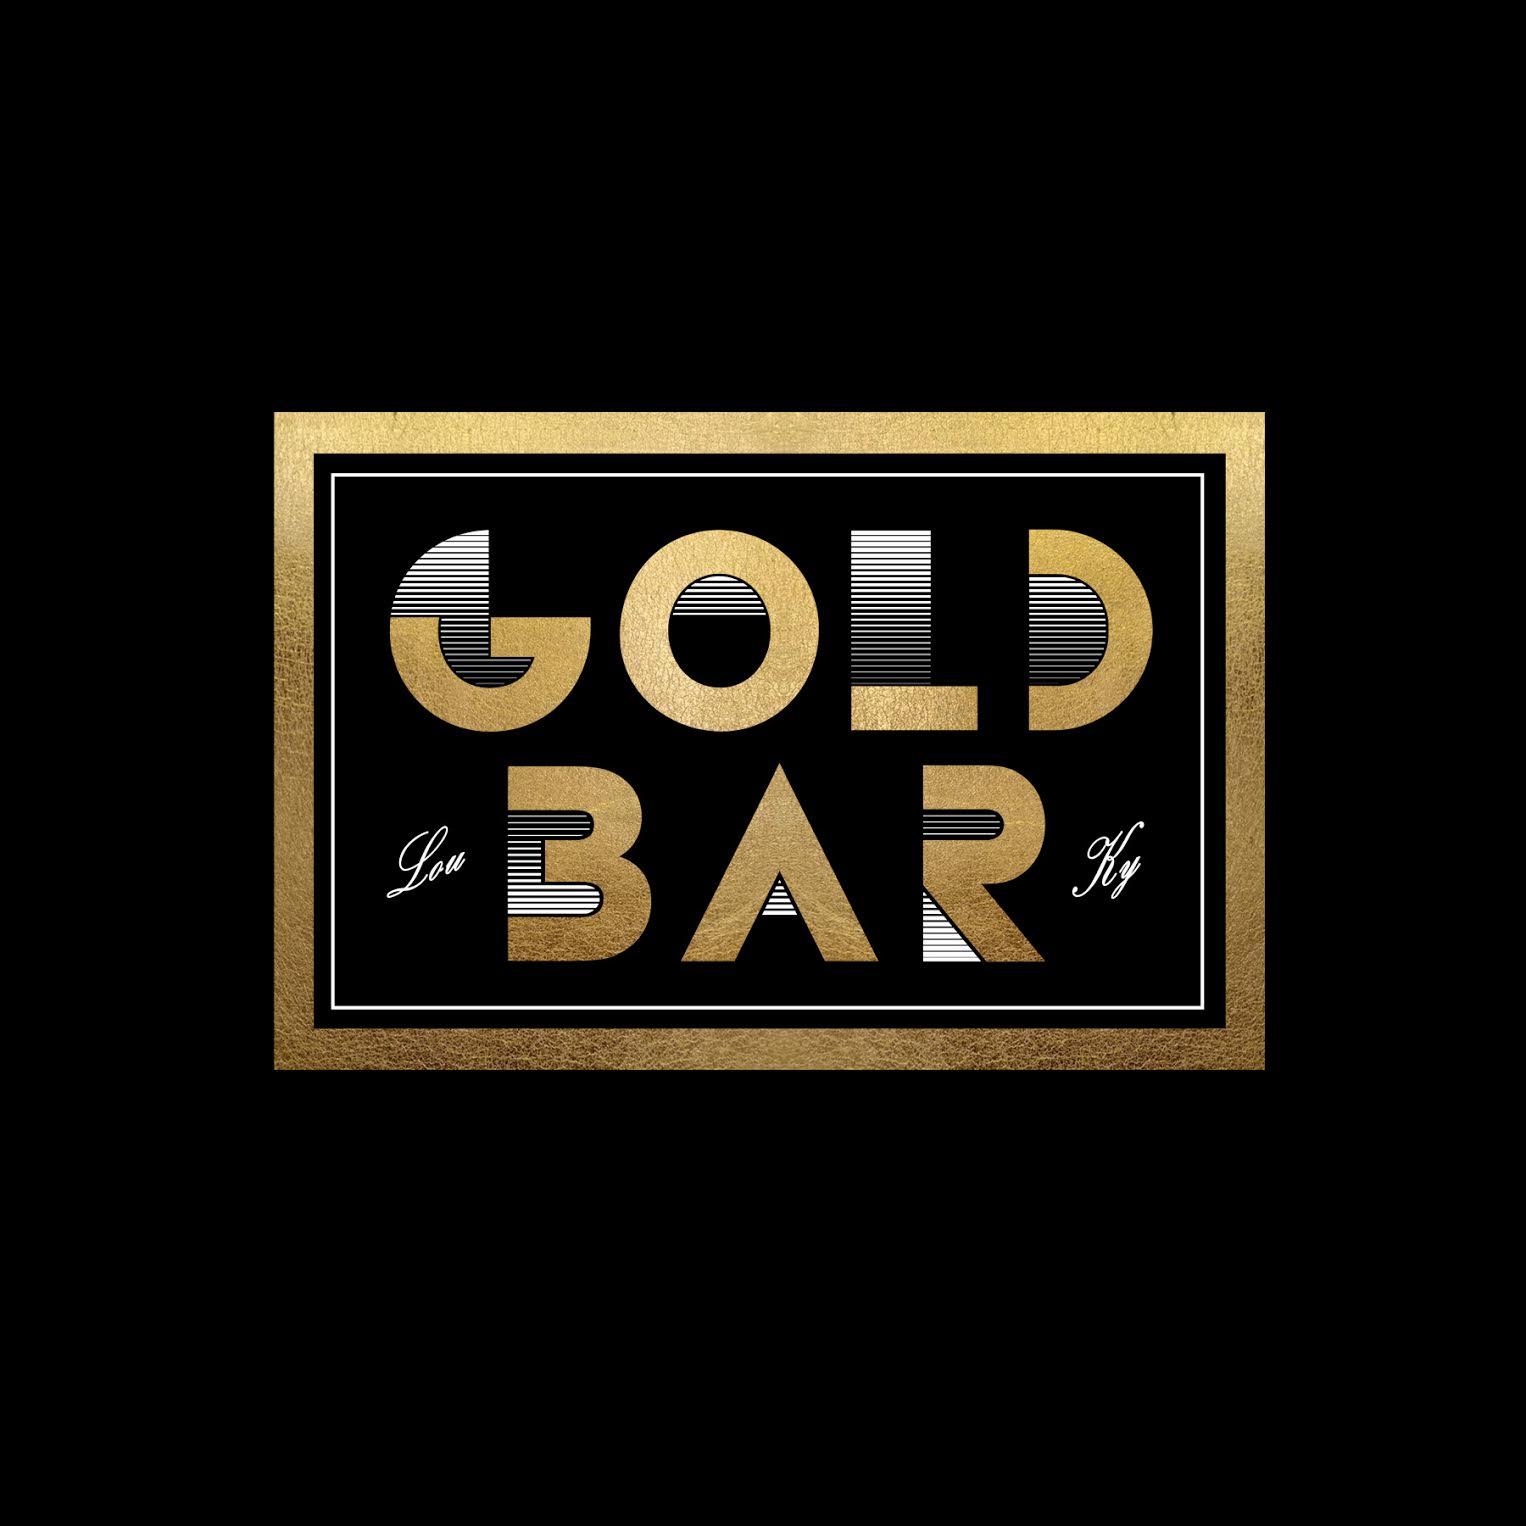 Gold Bar Louisville – Butchertown Business Highlight